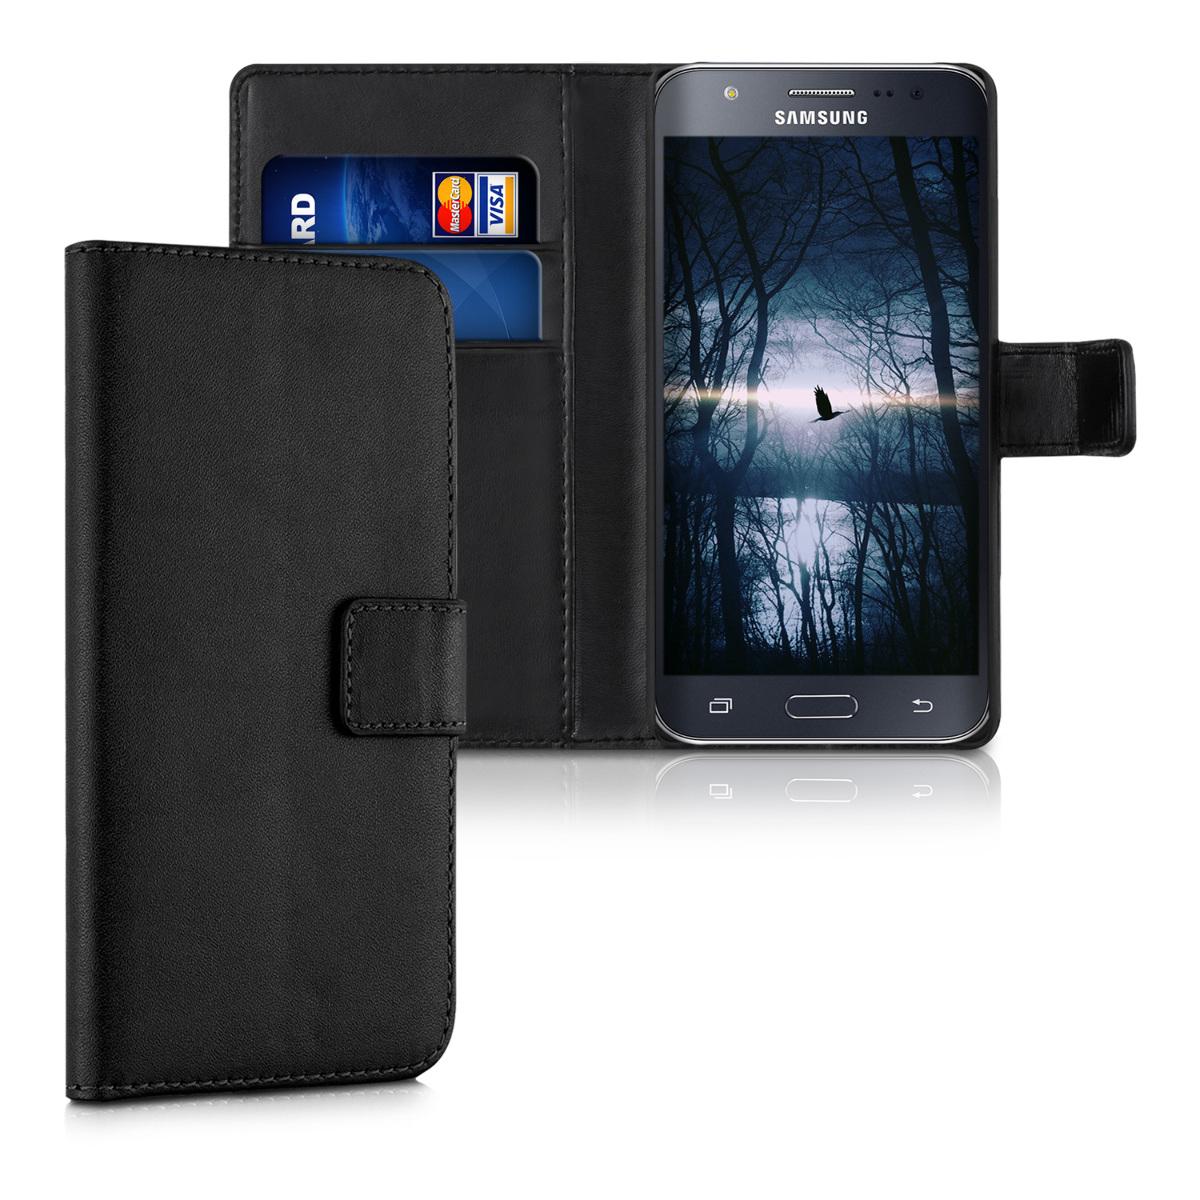 KW Θήκη - Πορτοφόλι Samsung Galaxy J5 (2015) - Black (34804.01)